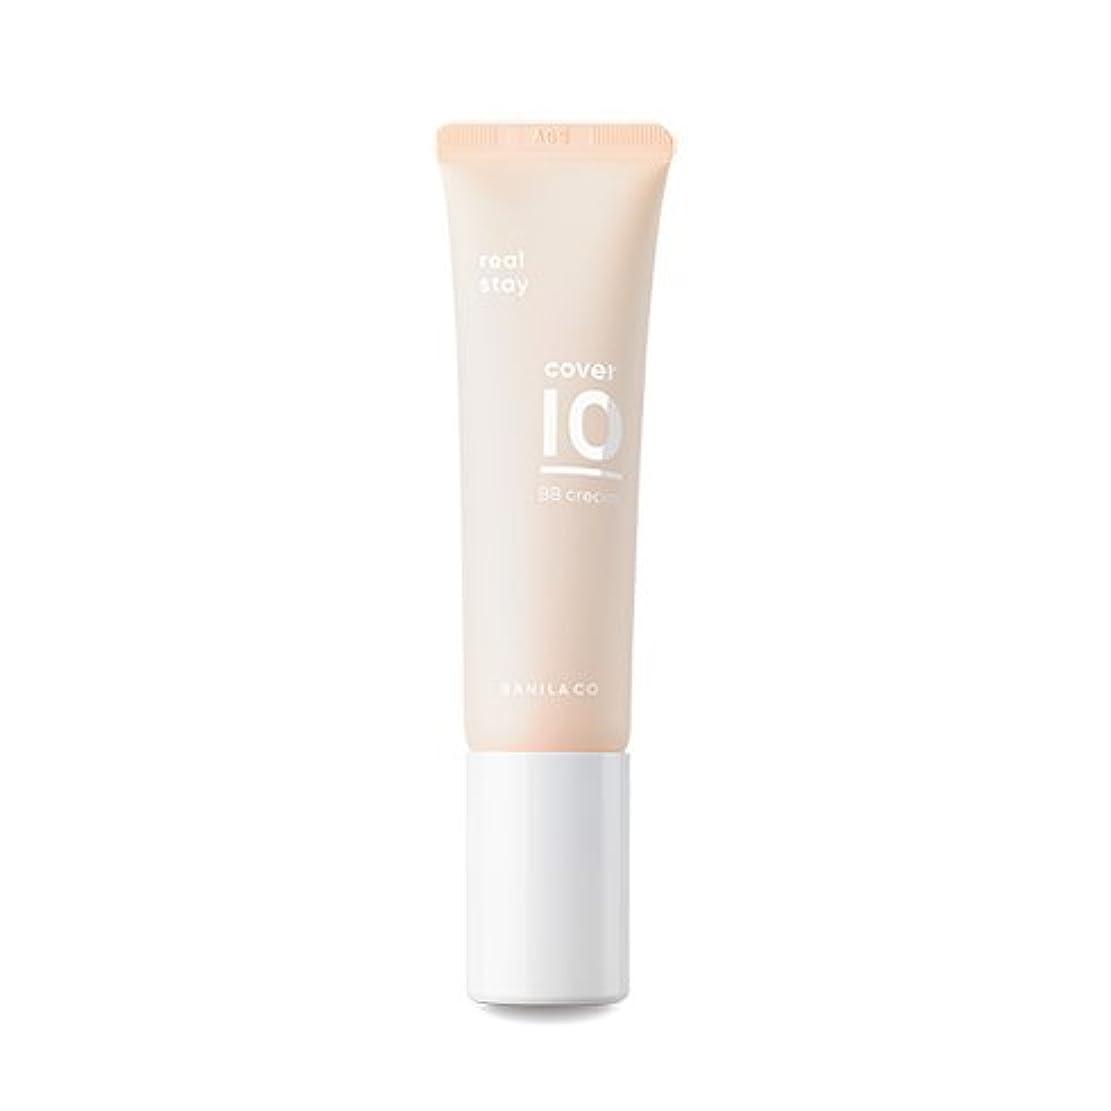 くちばし開始こっそり[Renewal] BANILA CO Cover 10 Real Stay BB Cream 30ml/バニラコ カバー 10 リアル ステイ BBクリーム 30ml (#Natural Beige) [並行輸入品]